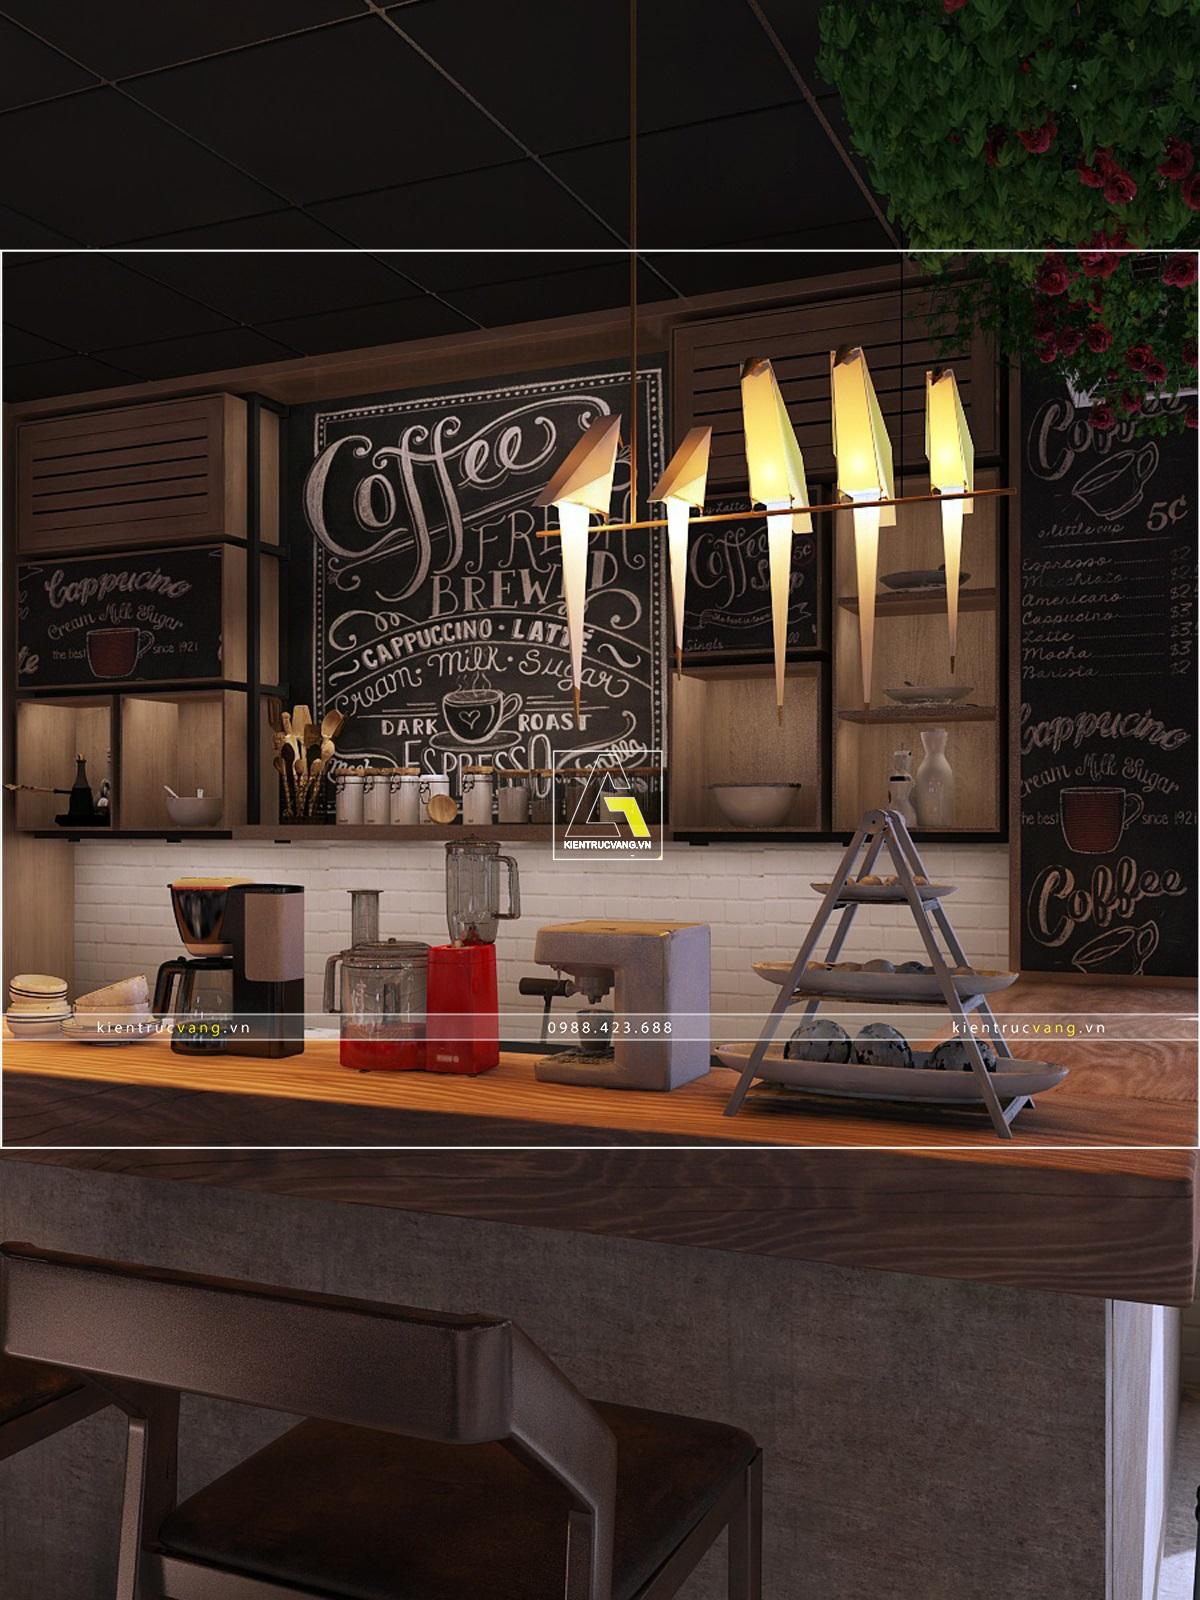 thiết kế nội thất Văn Phòng tại Hồ Chí Minh Thiết kế nội thất văn phòng Misa Hồ Chính Minh 36 1530873754